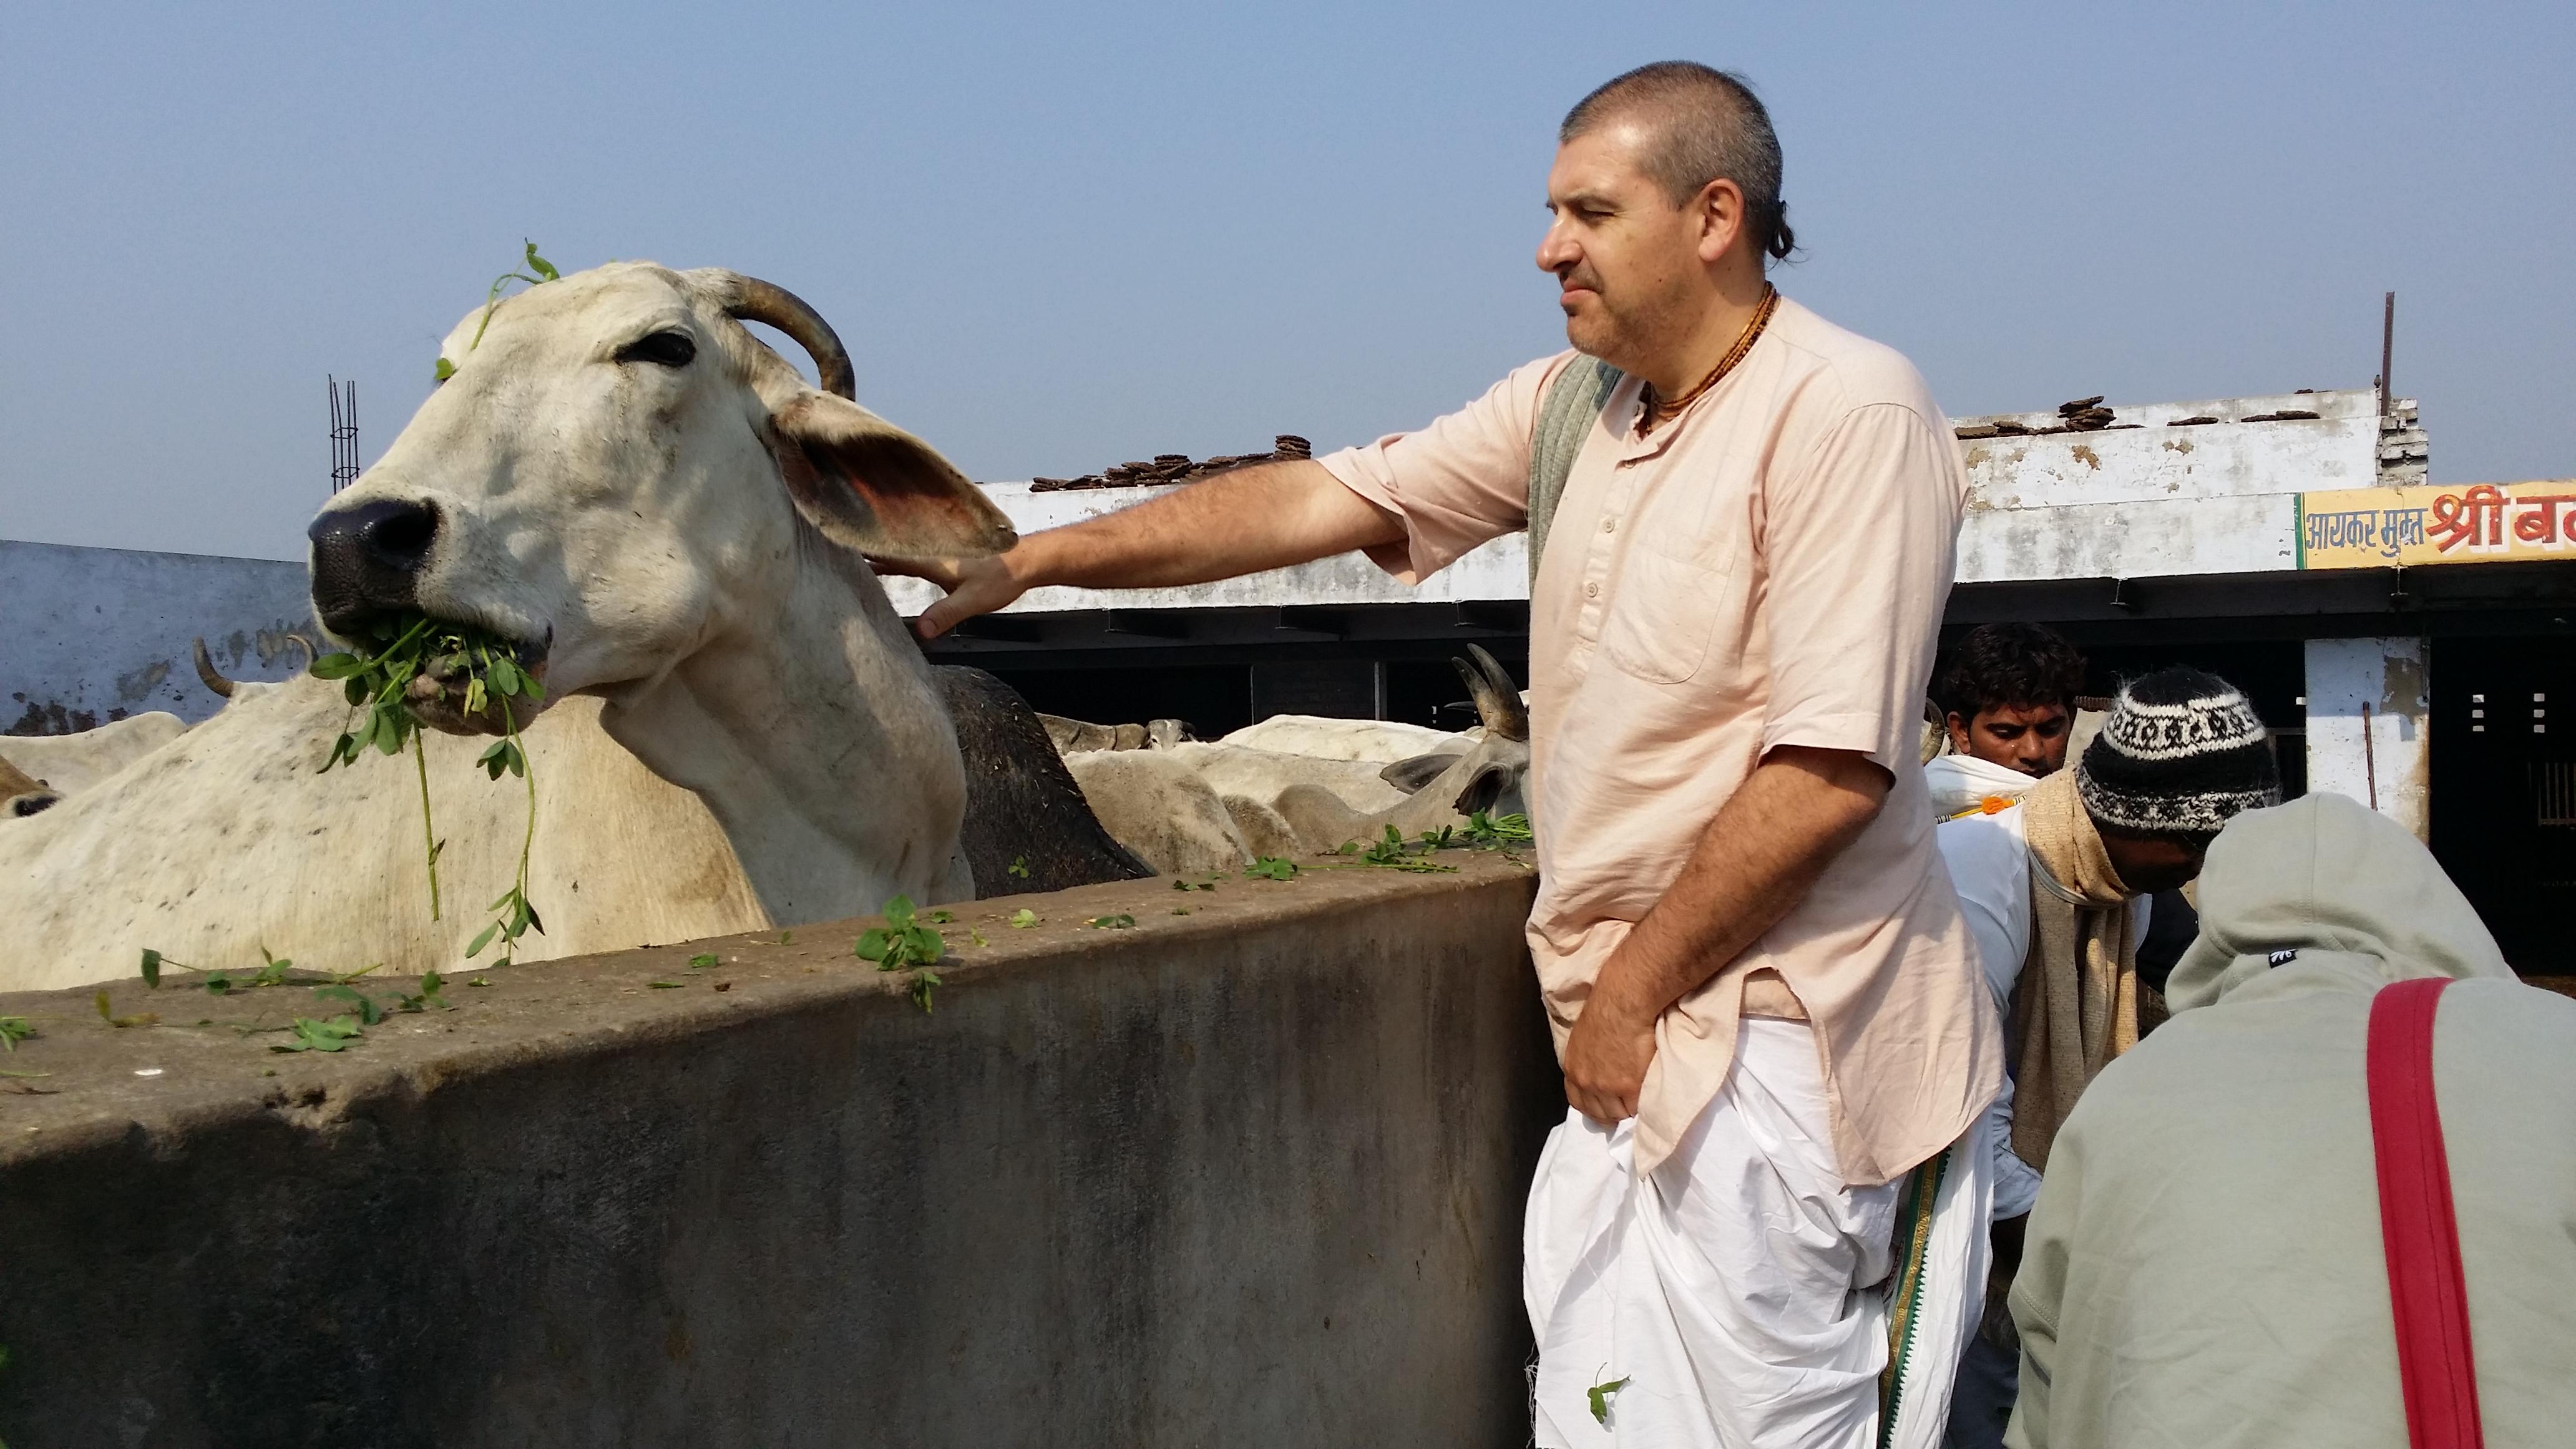 Amritarání: Láska k zvieratám a k životu - aj taká je filozofia majiteľa, foto: archív majiteľa